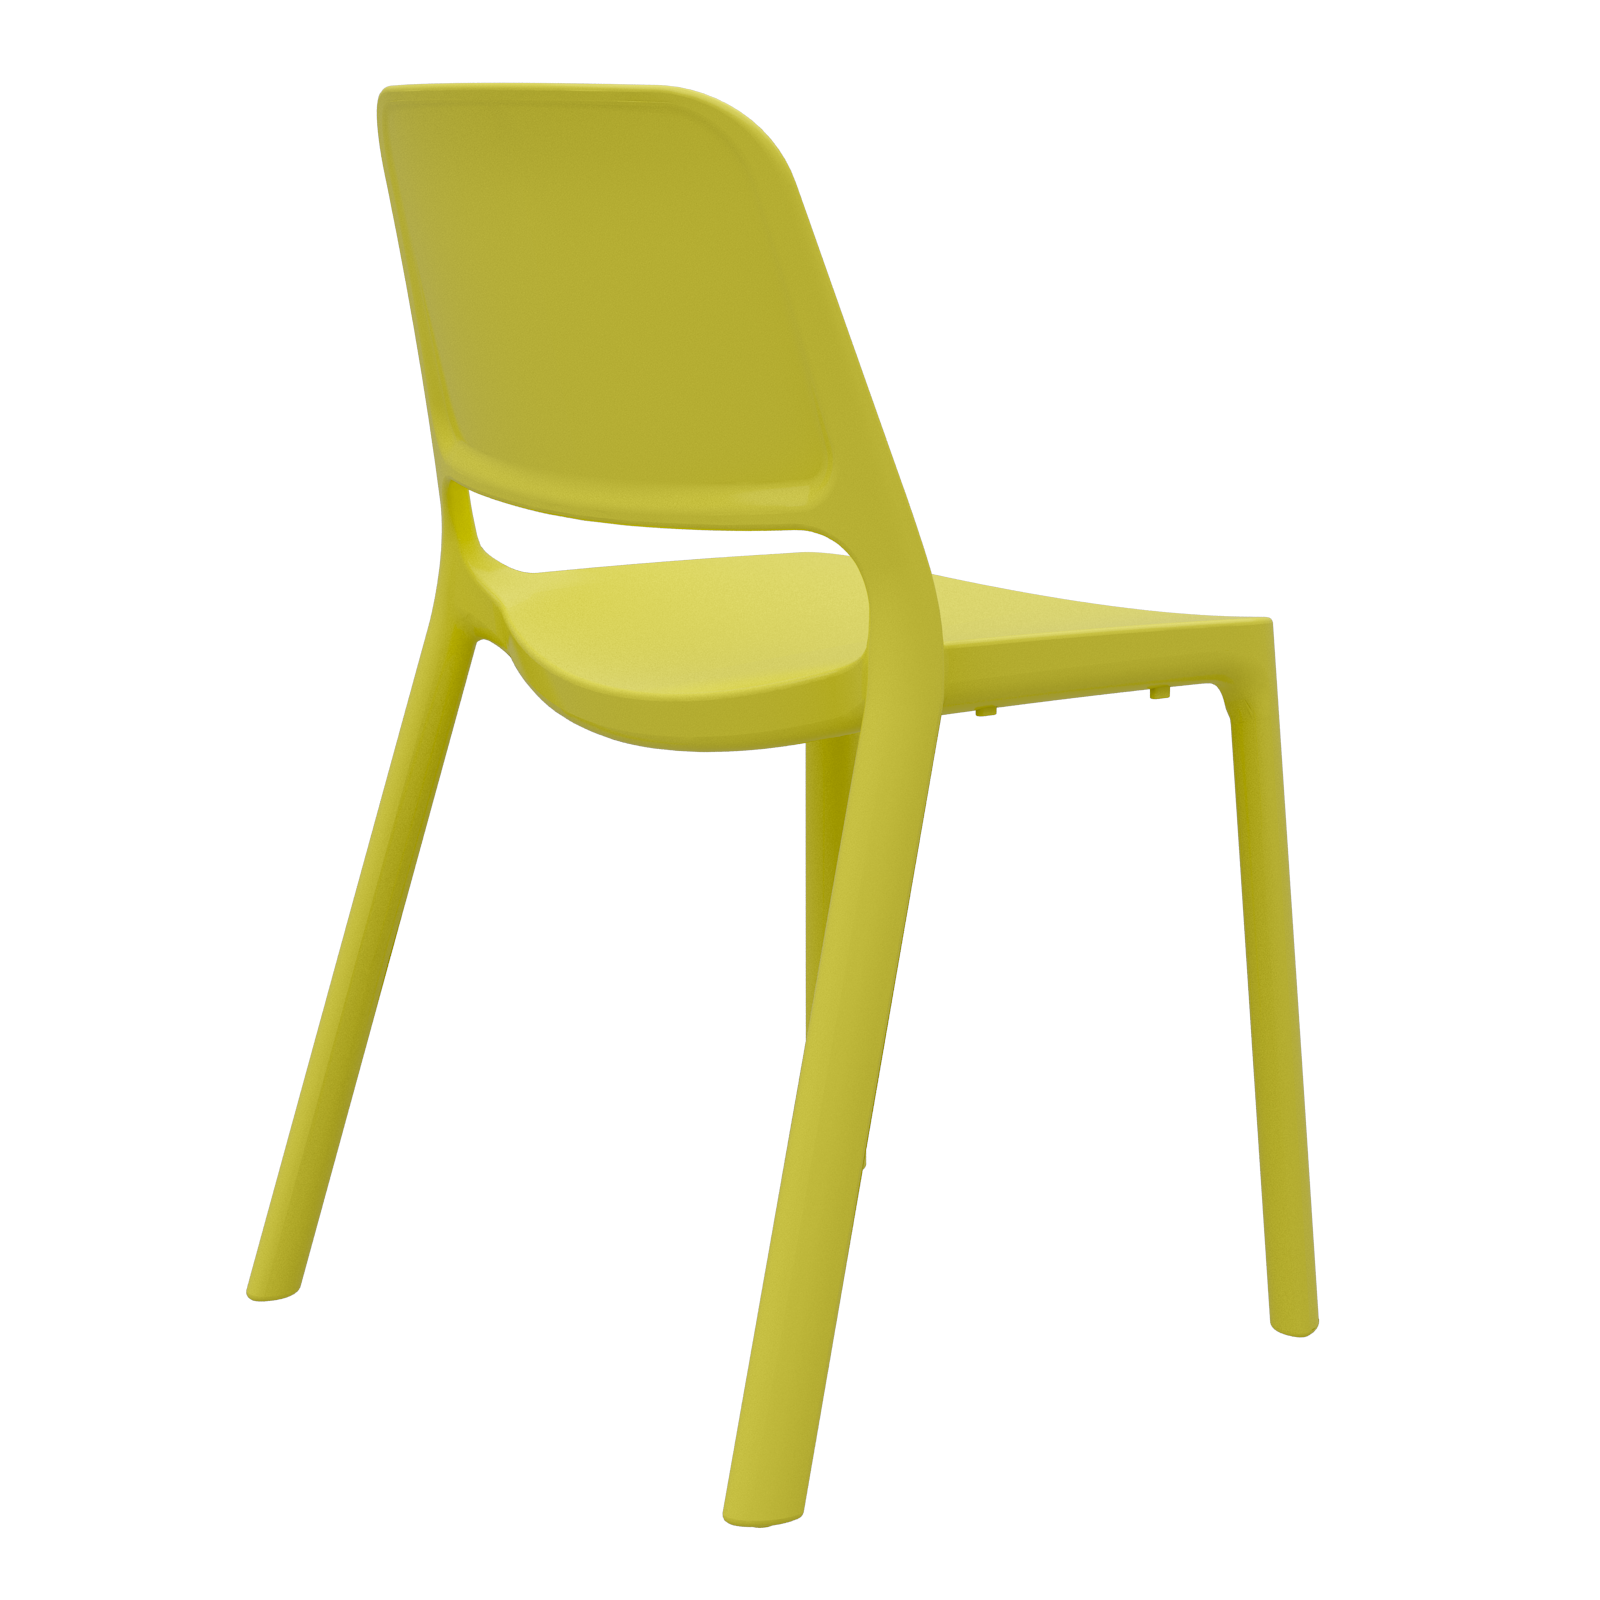 cadeira nuke citric